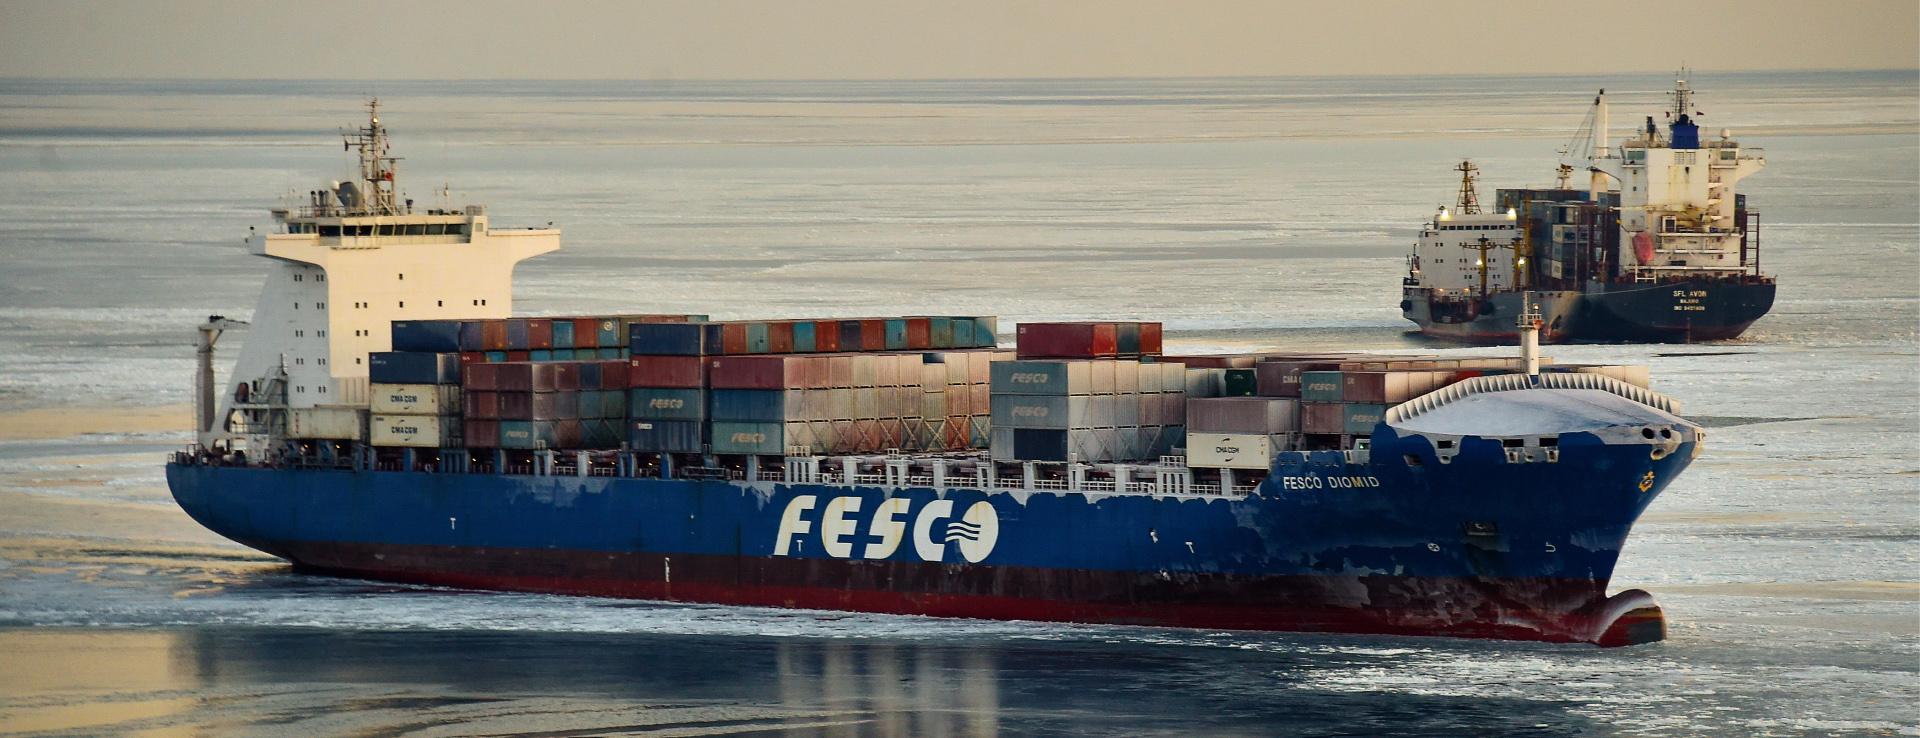 Группа FESCO застраховала свою ответственность в TT Клубе